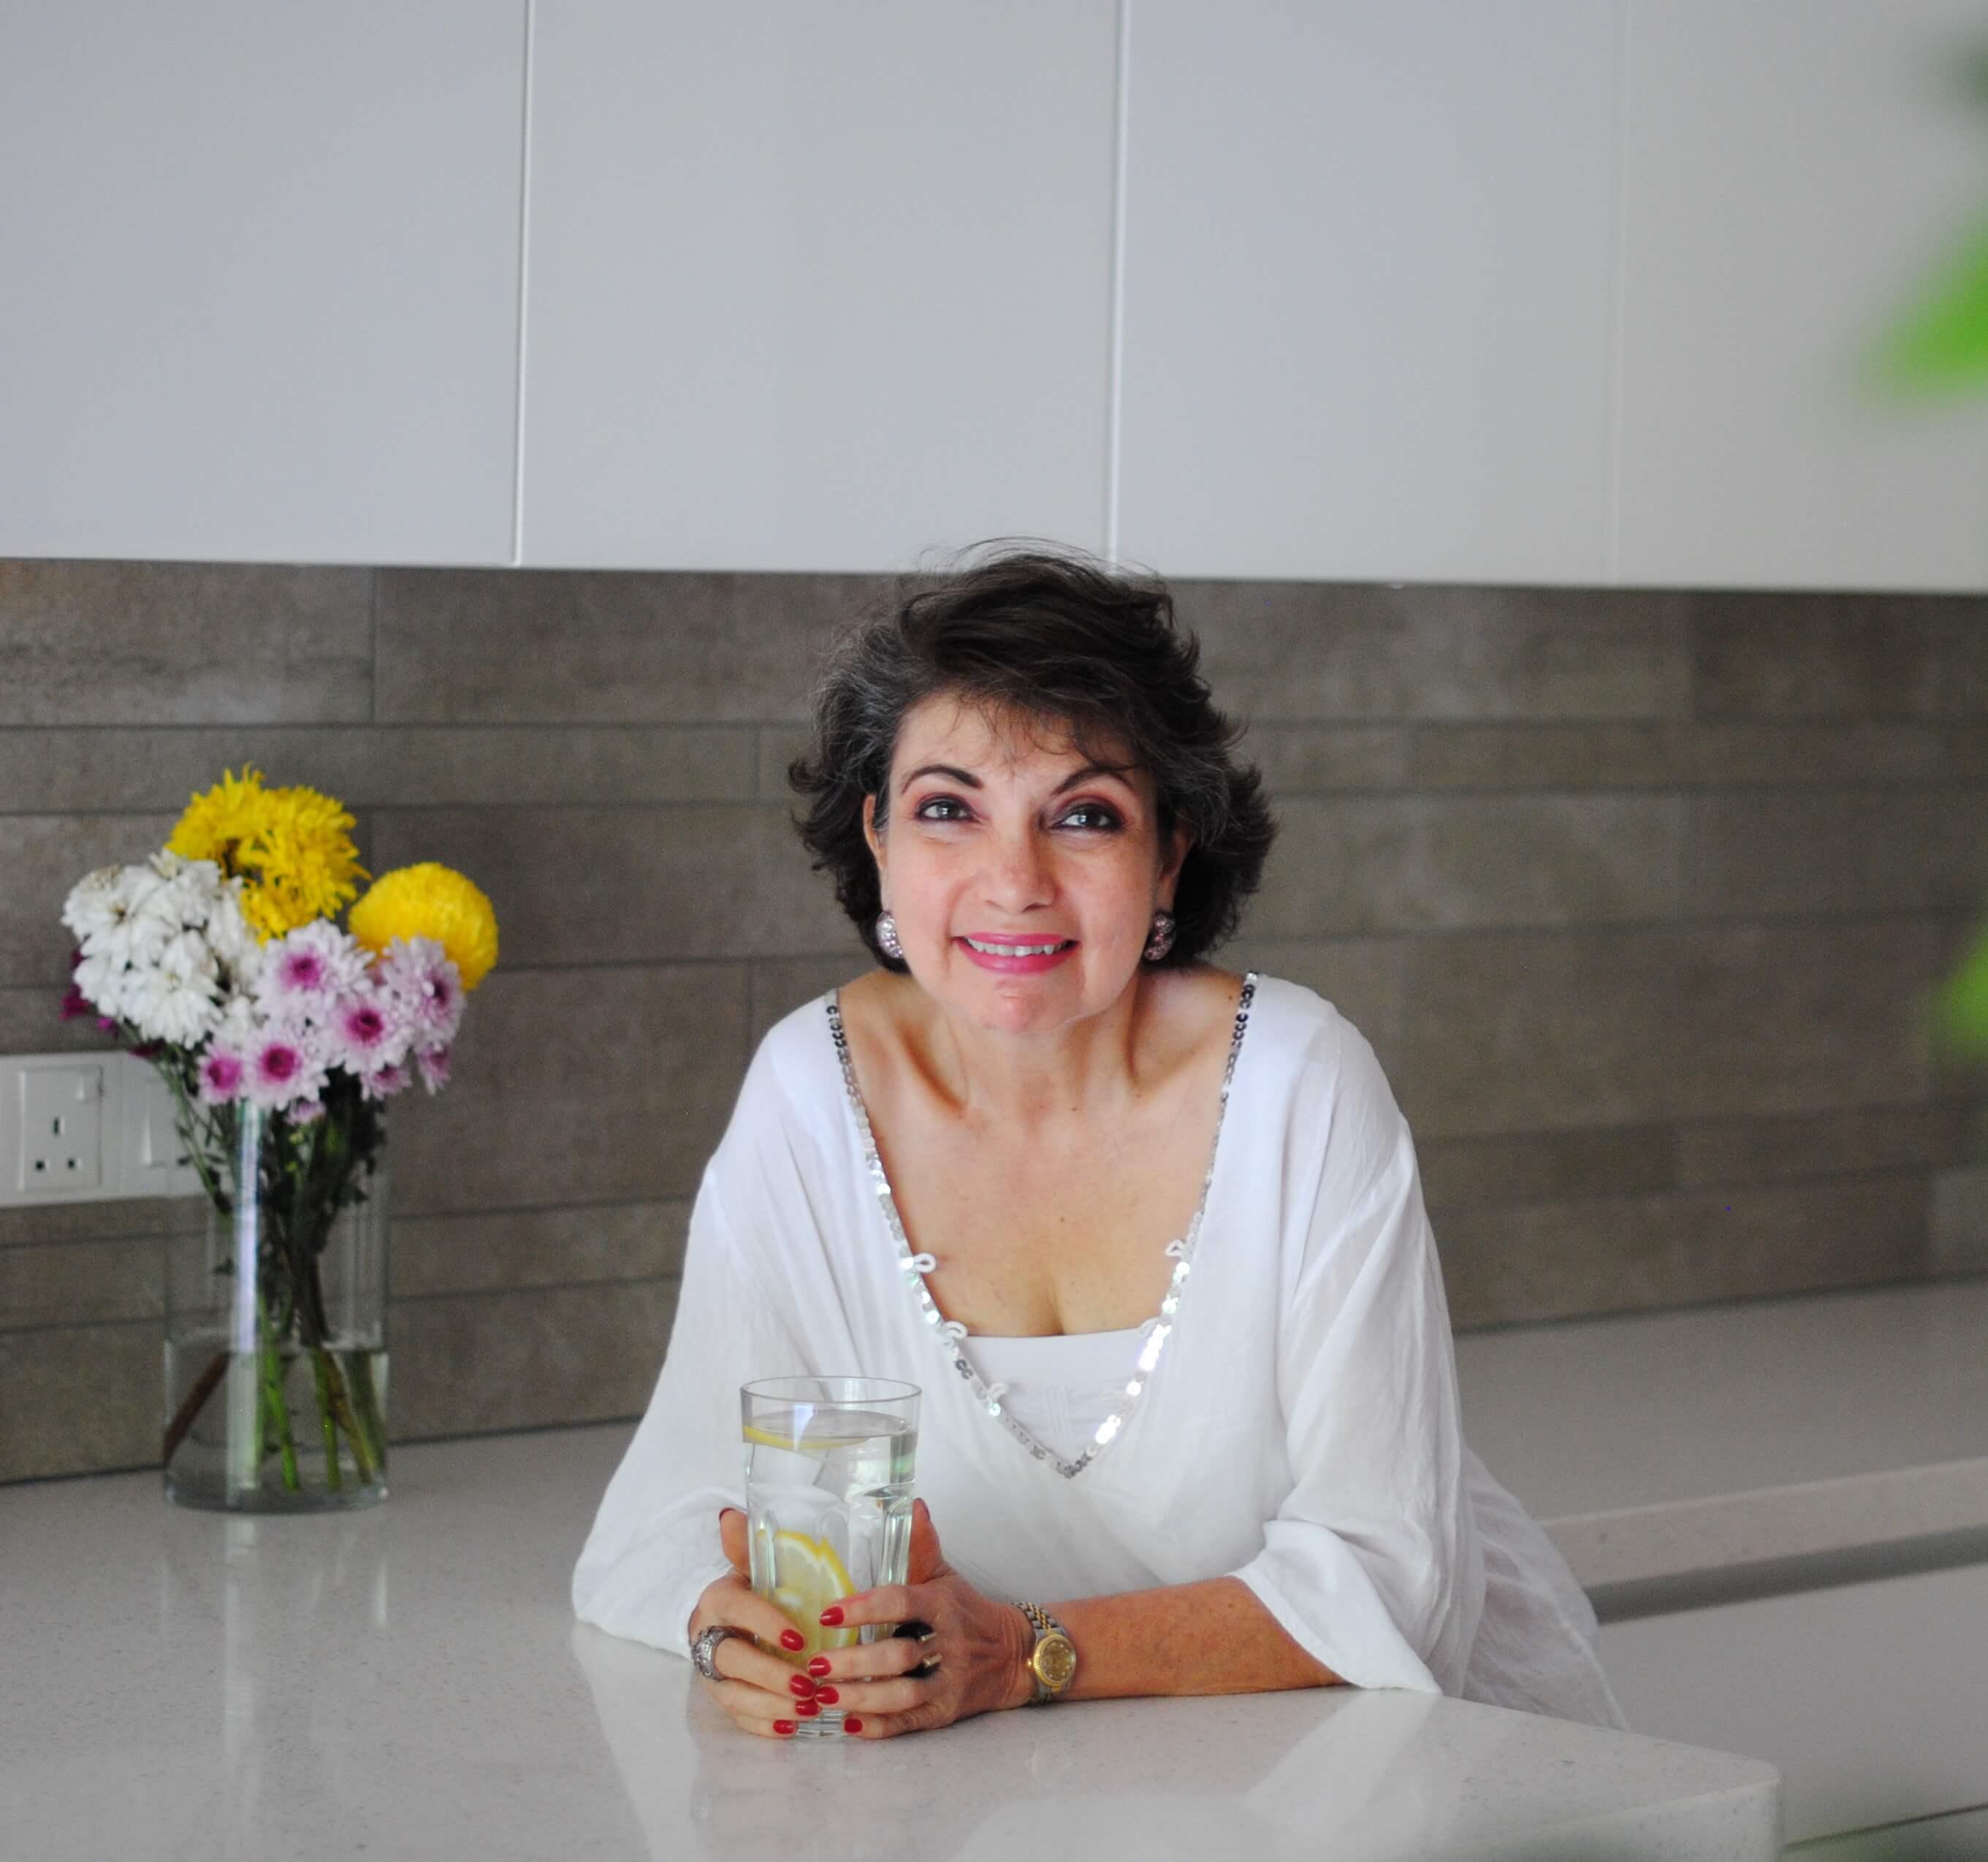 Geeta Lachmandas